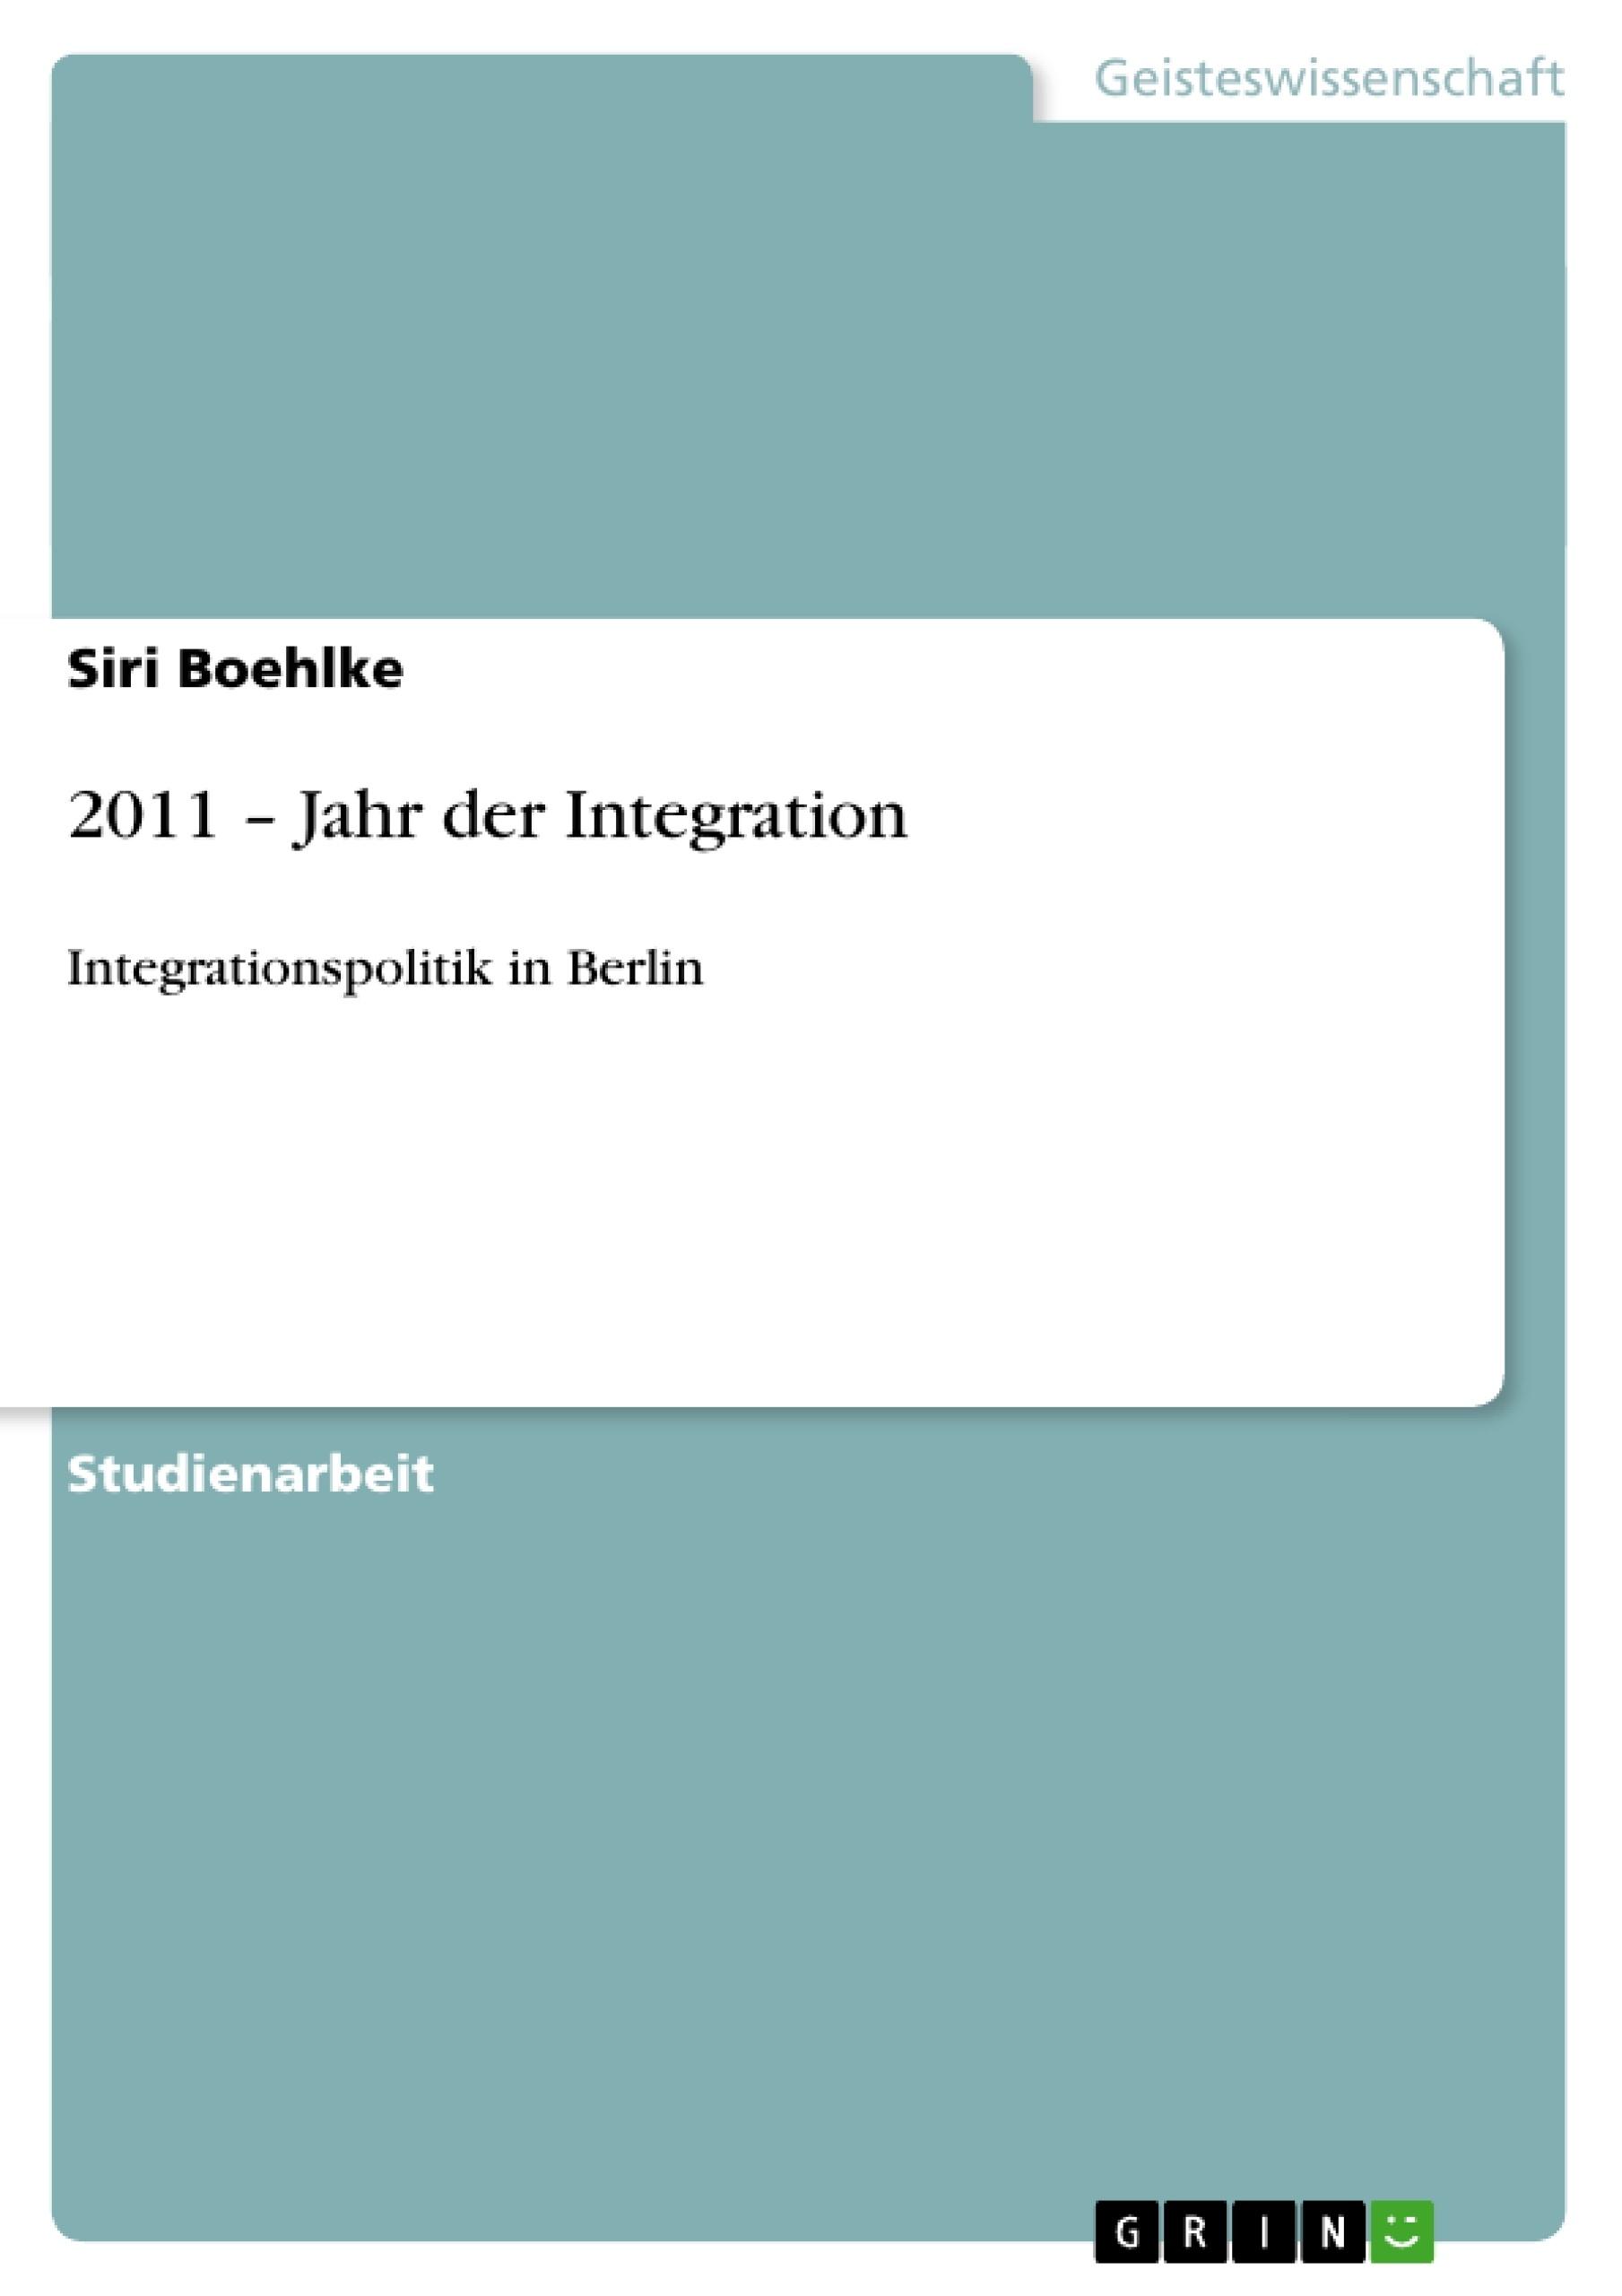 Titel: 2011 – Jahr der Integration